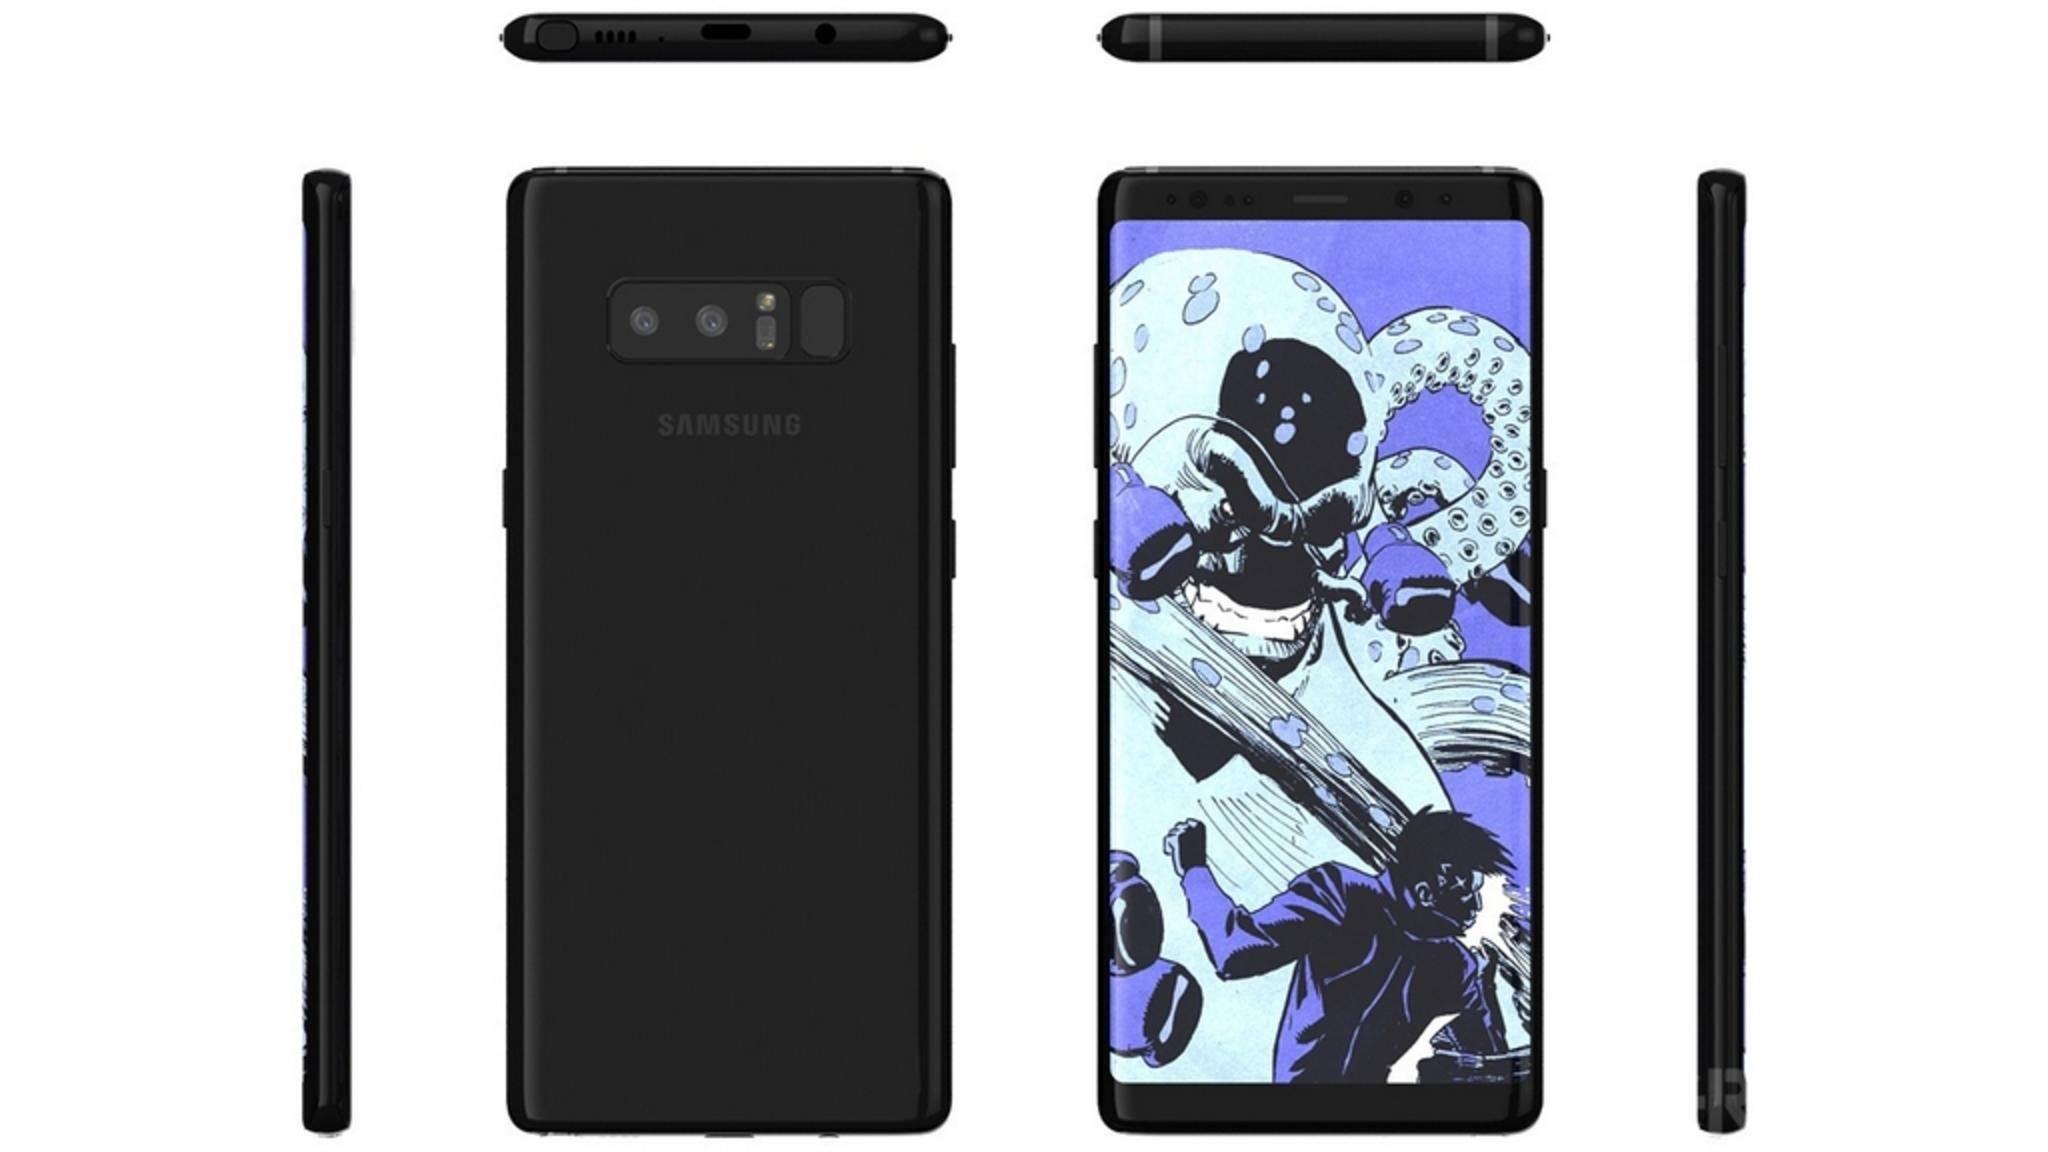 Diese Render-Bilder sollen das fertige Galaxy Note 8 zeigen.